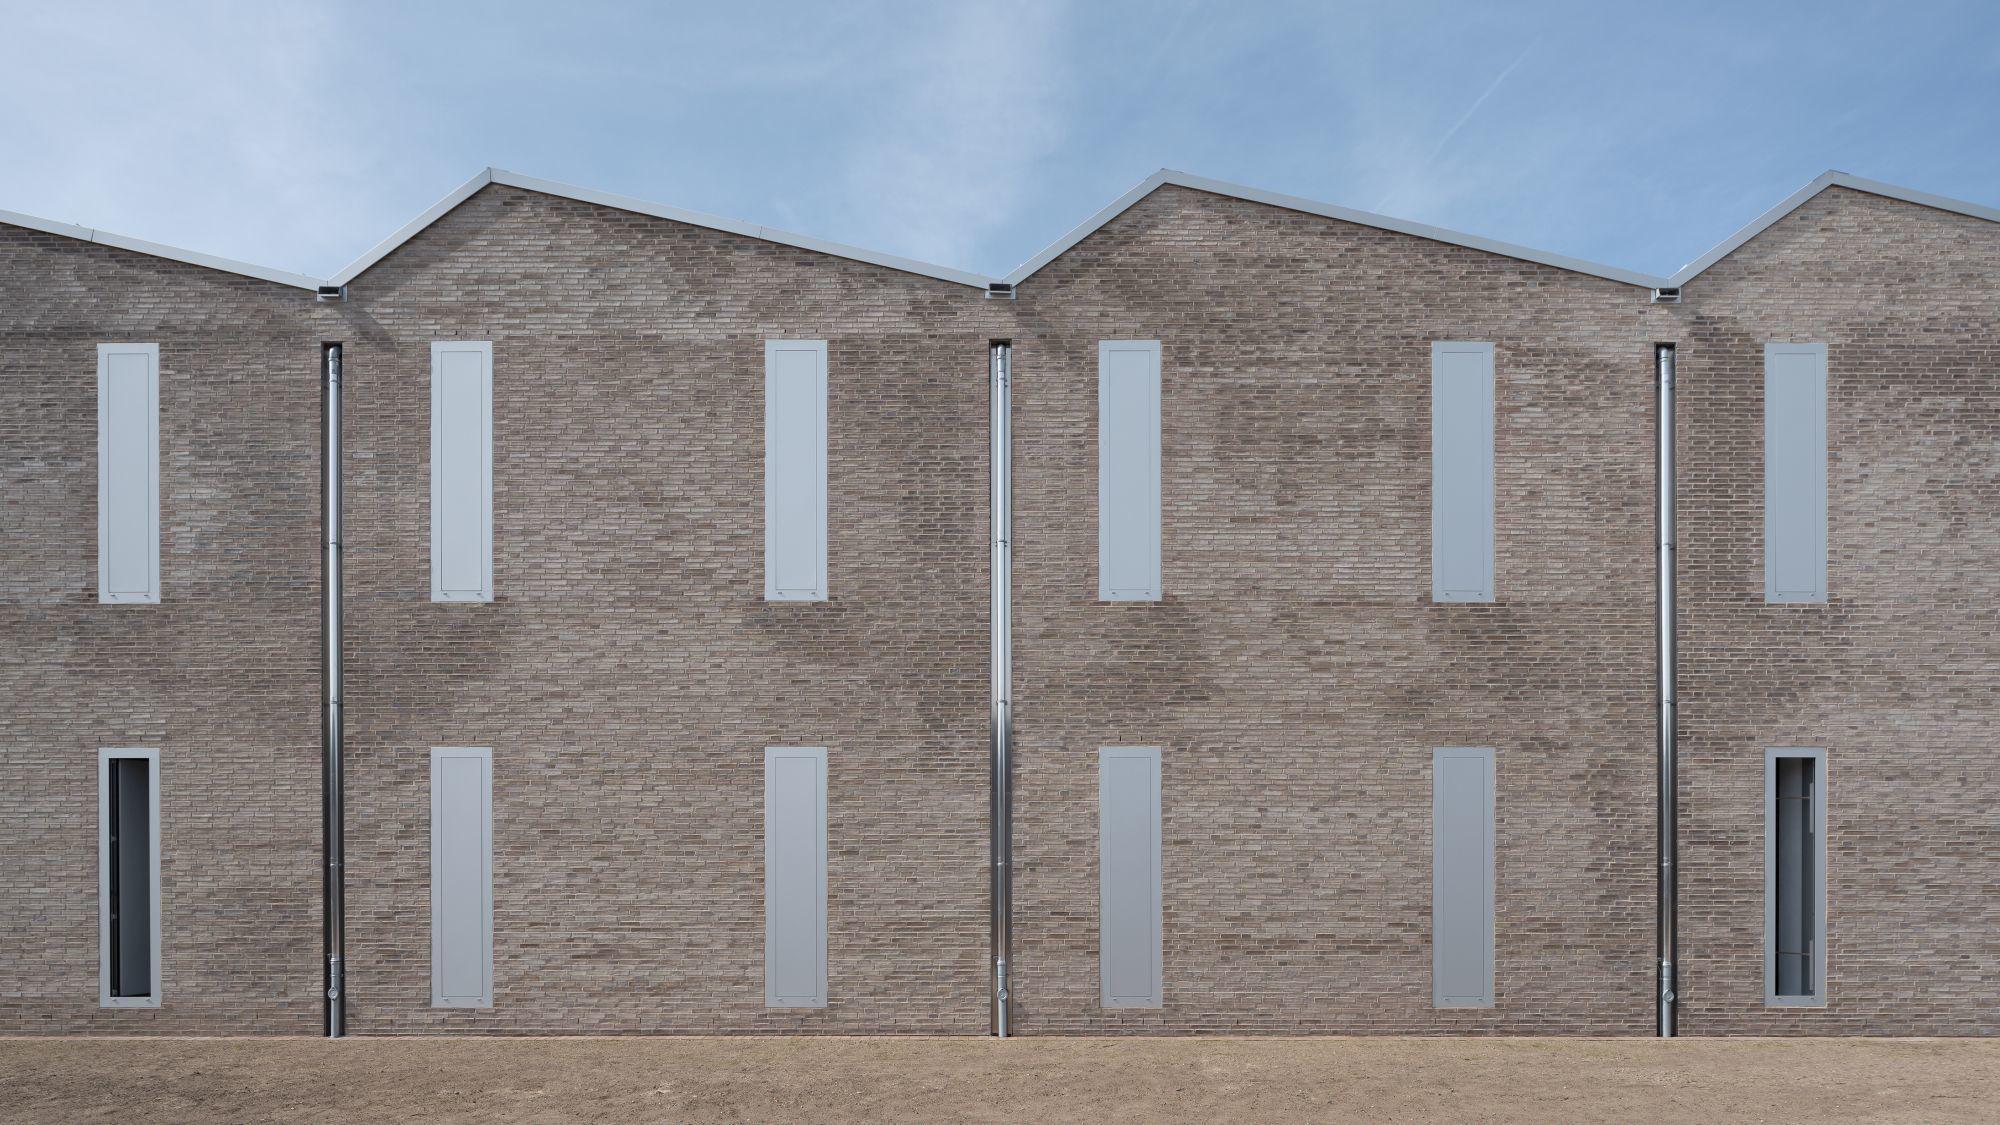 Zentraldepot Der Stiftung Preußische Schlösser Und Gärten In Potsdam